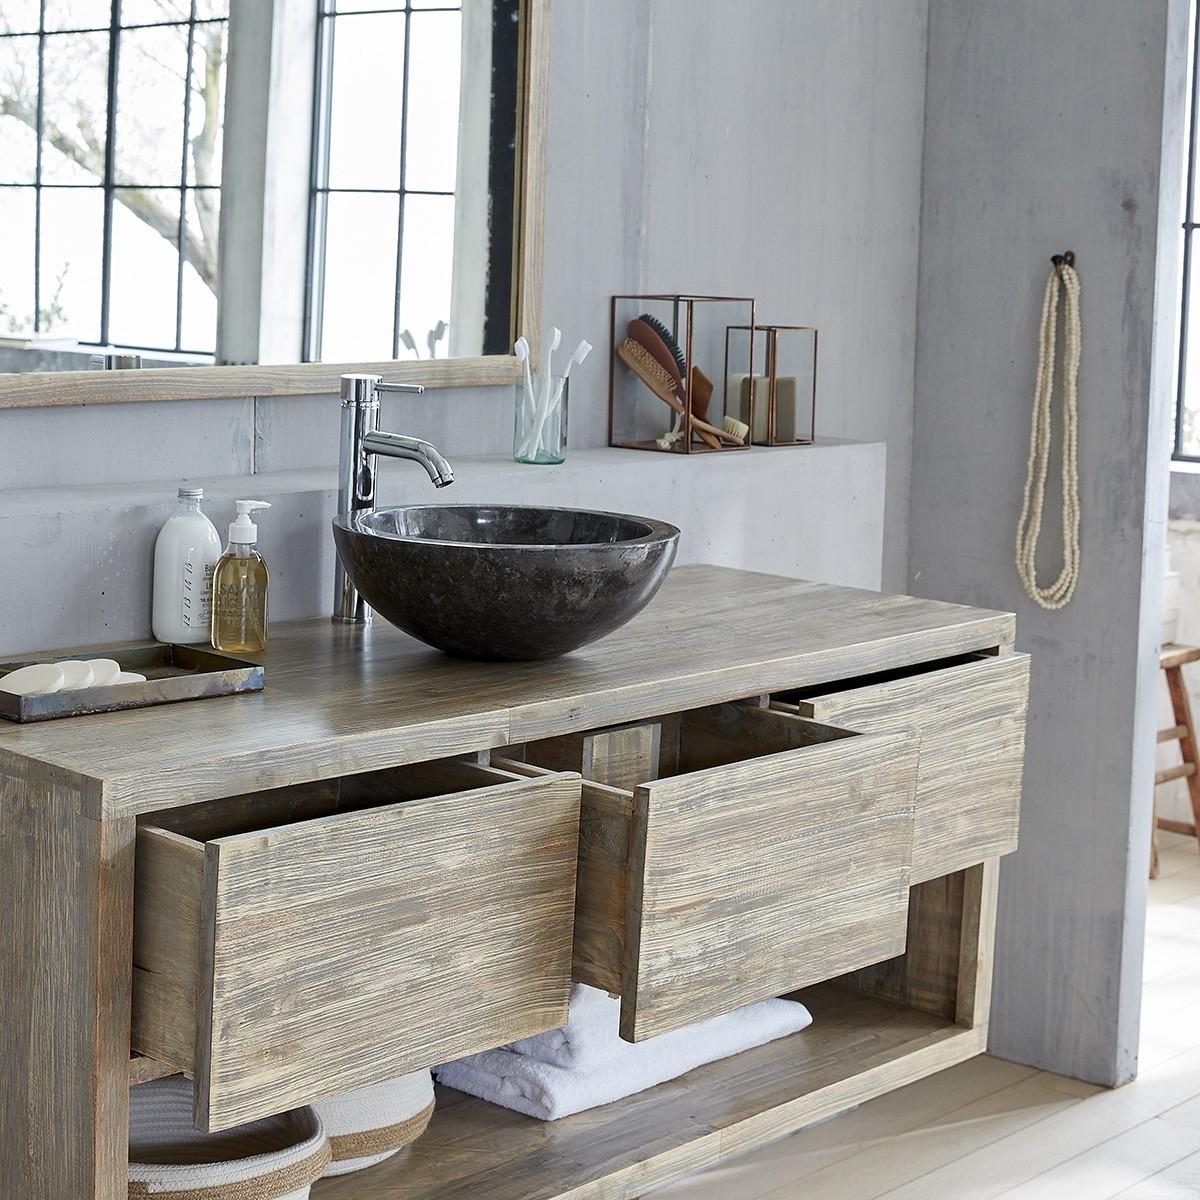 Ensemble salle de bain en bois d 39 h v a suspendu 150 vasque miroir bois dessus bois dessous - Ensemble salle de bain bois ...